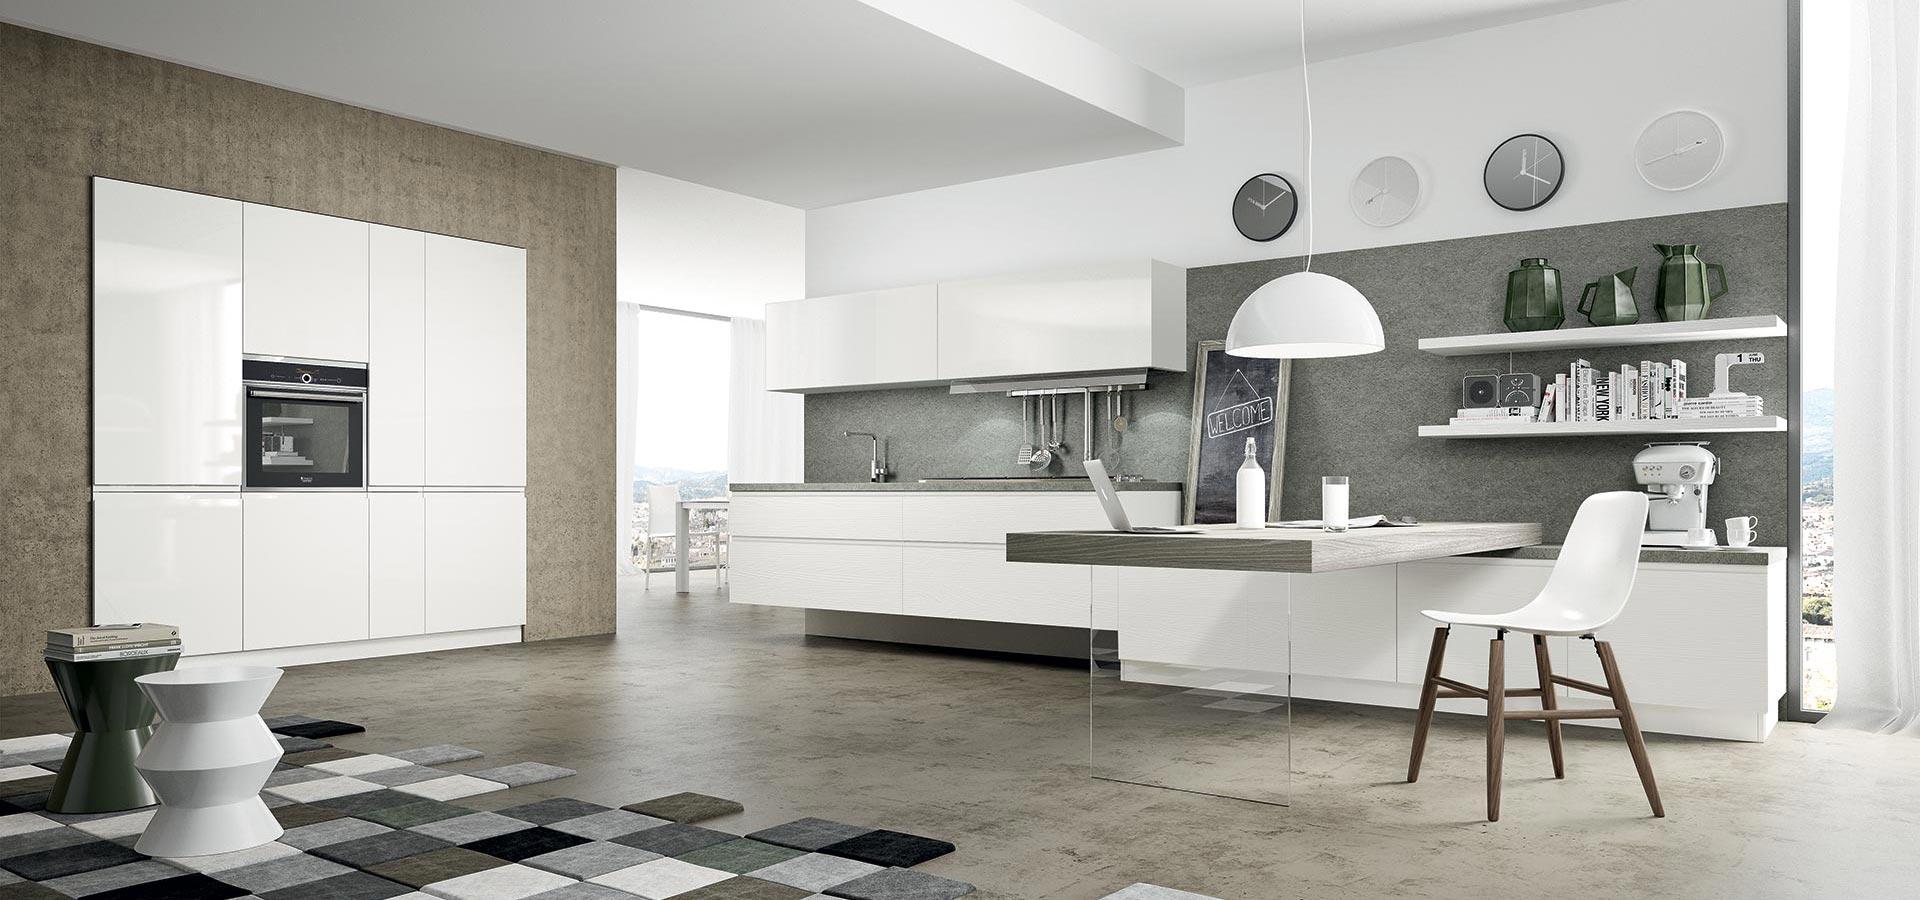 Arredo3 cucine landing1 meroni arreda for Cucine e saloni moderni